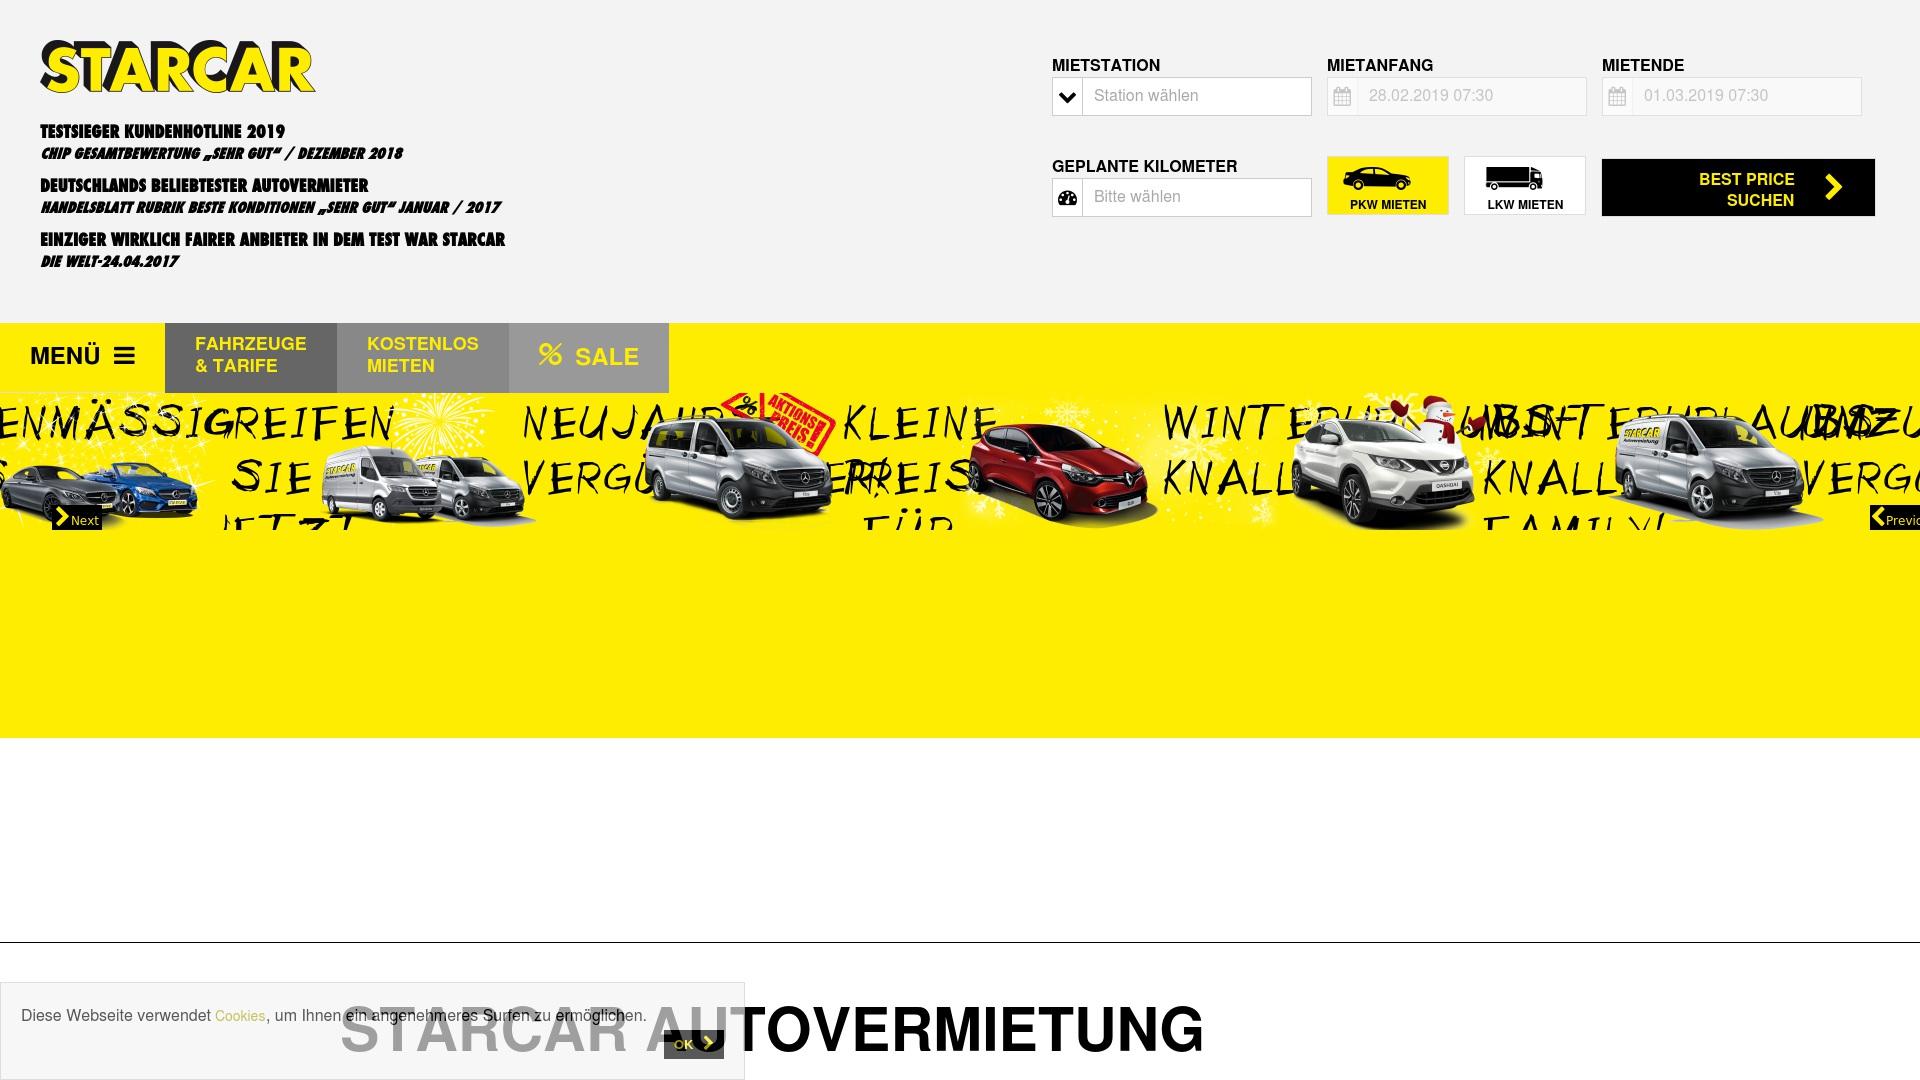 Gutschein für Starcar: Rabatte für  Starcar sichern